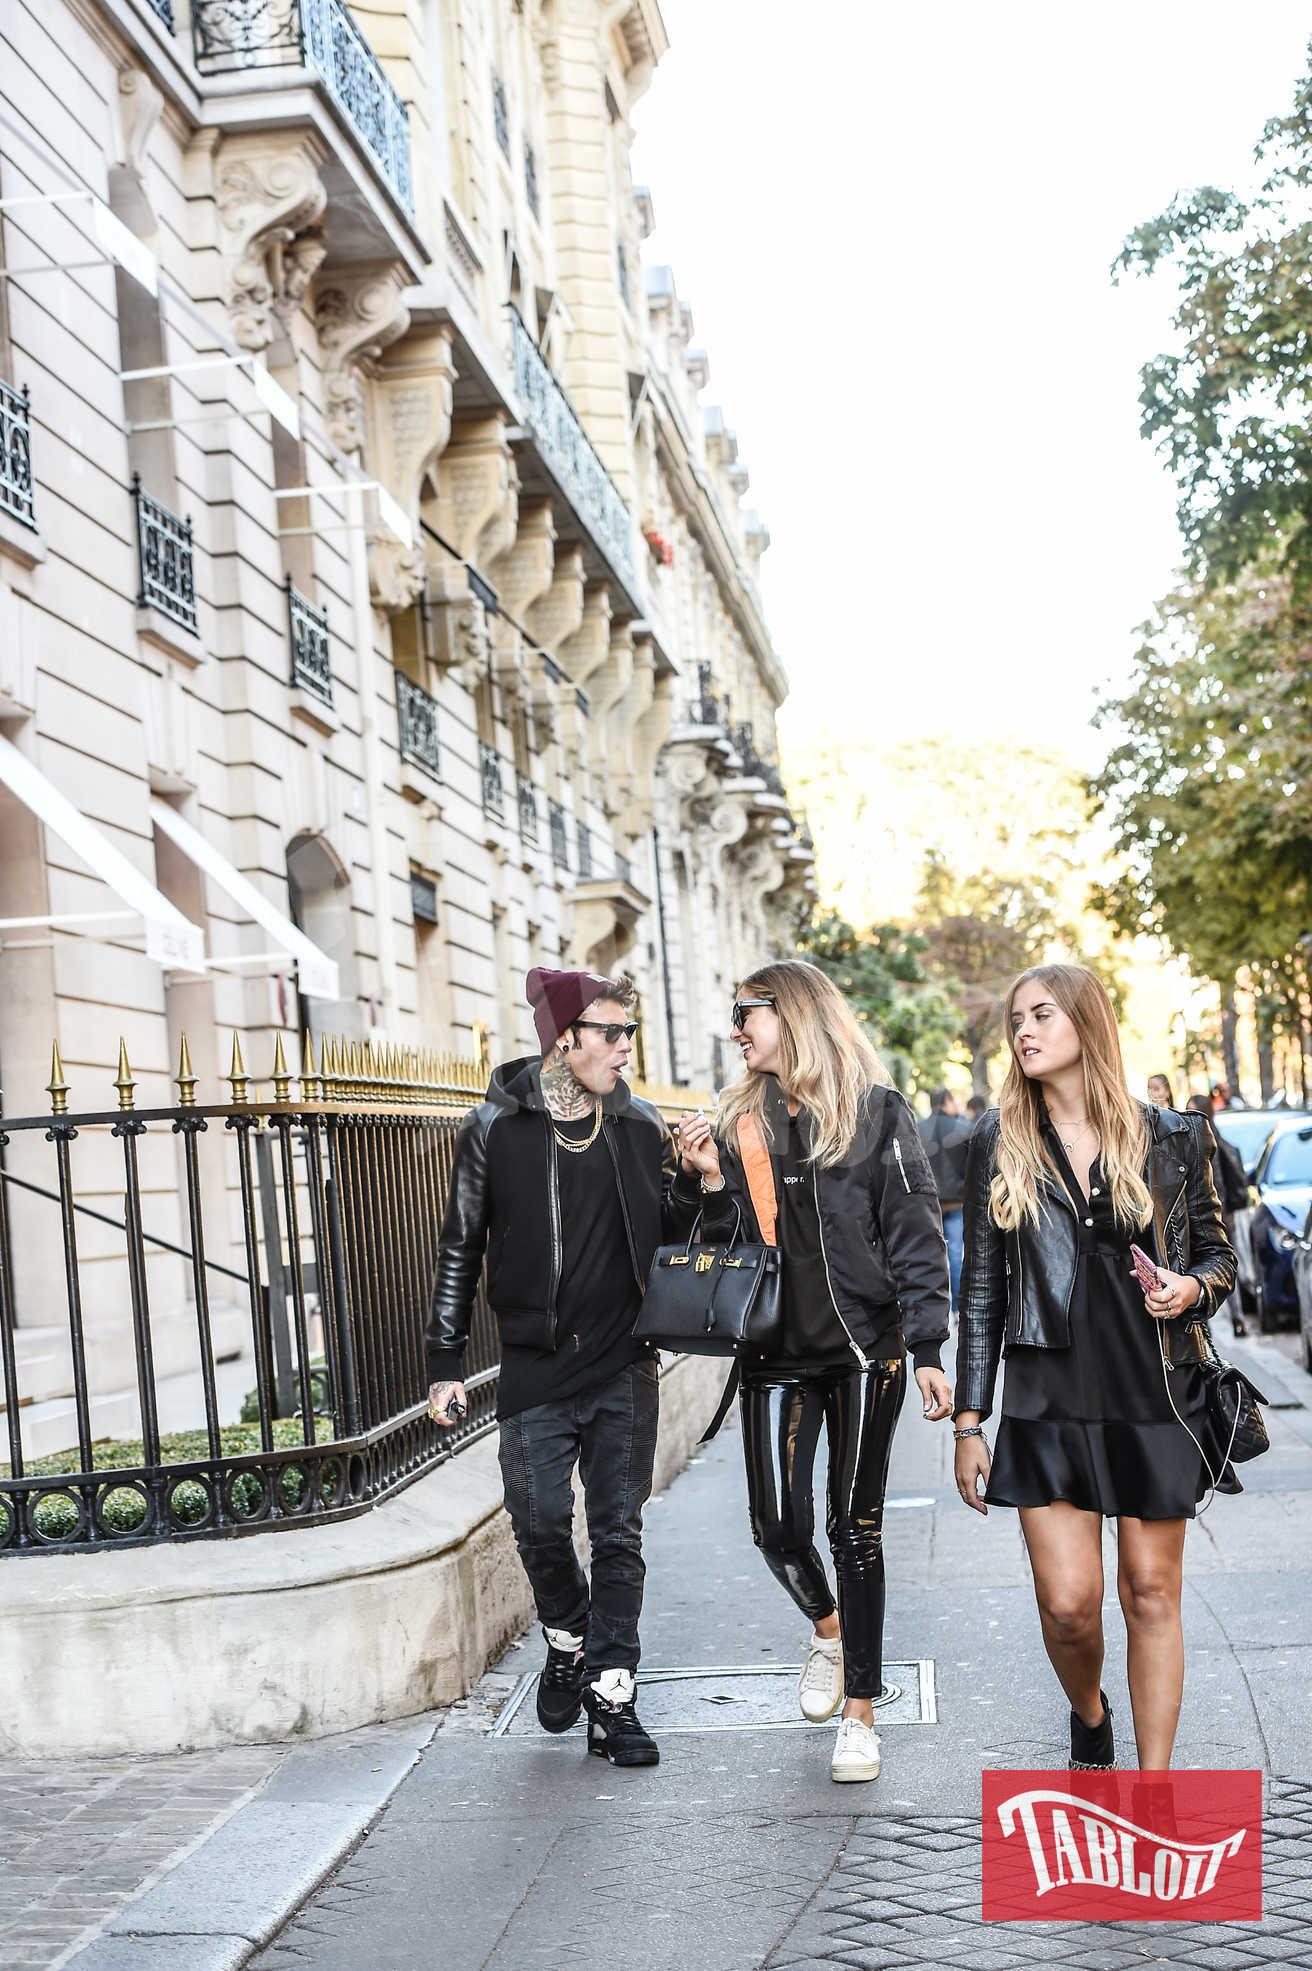 Chiara Ferragni alla settimana della moda di Parigi nell'ottobre 2016, insieme a Fedez e alla sorella Valentina